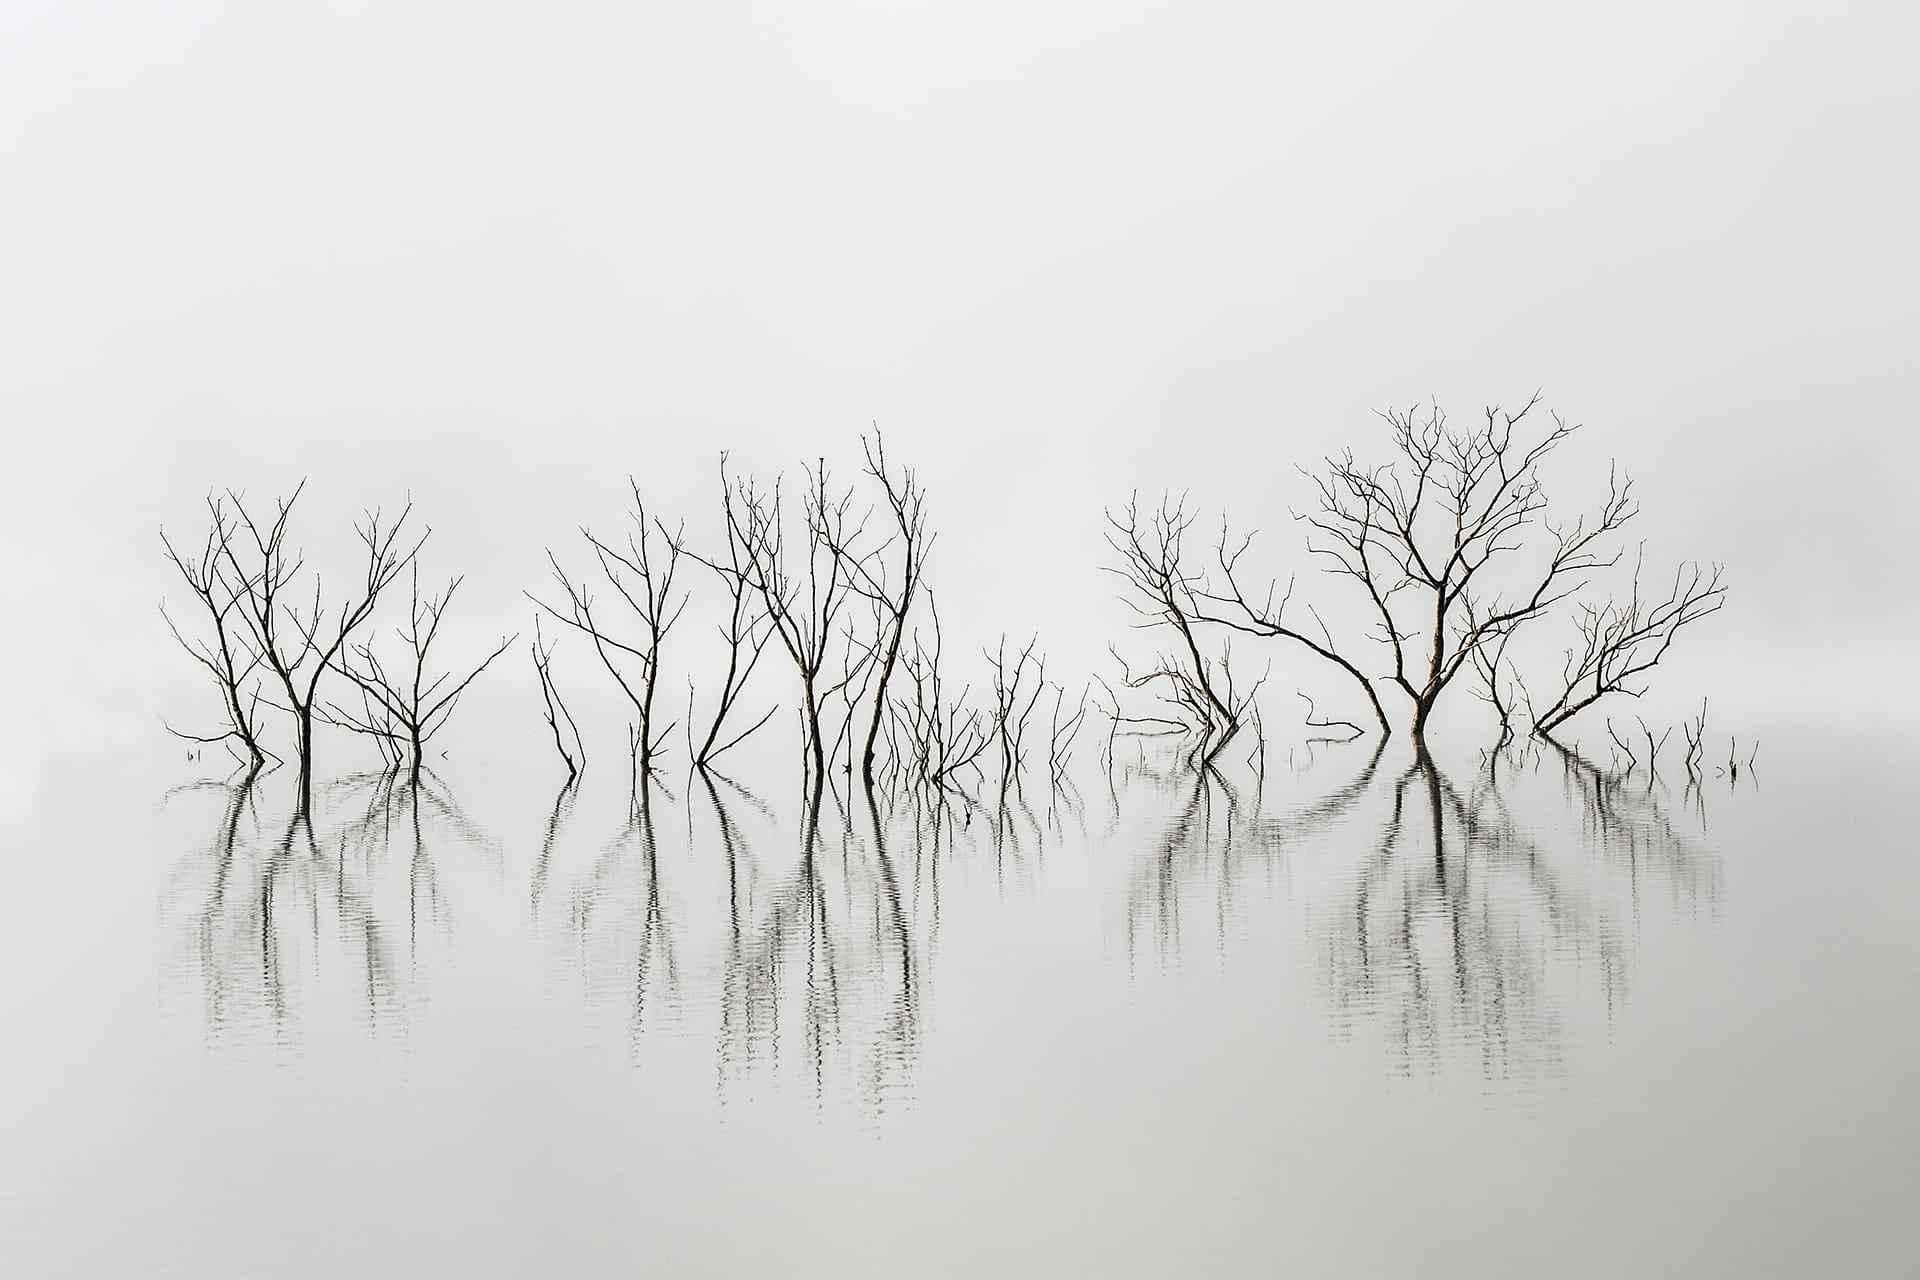 Momentos de Nieblas y Silencio